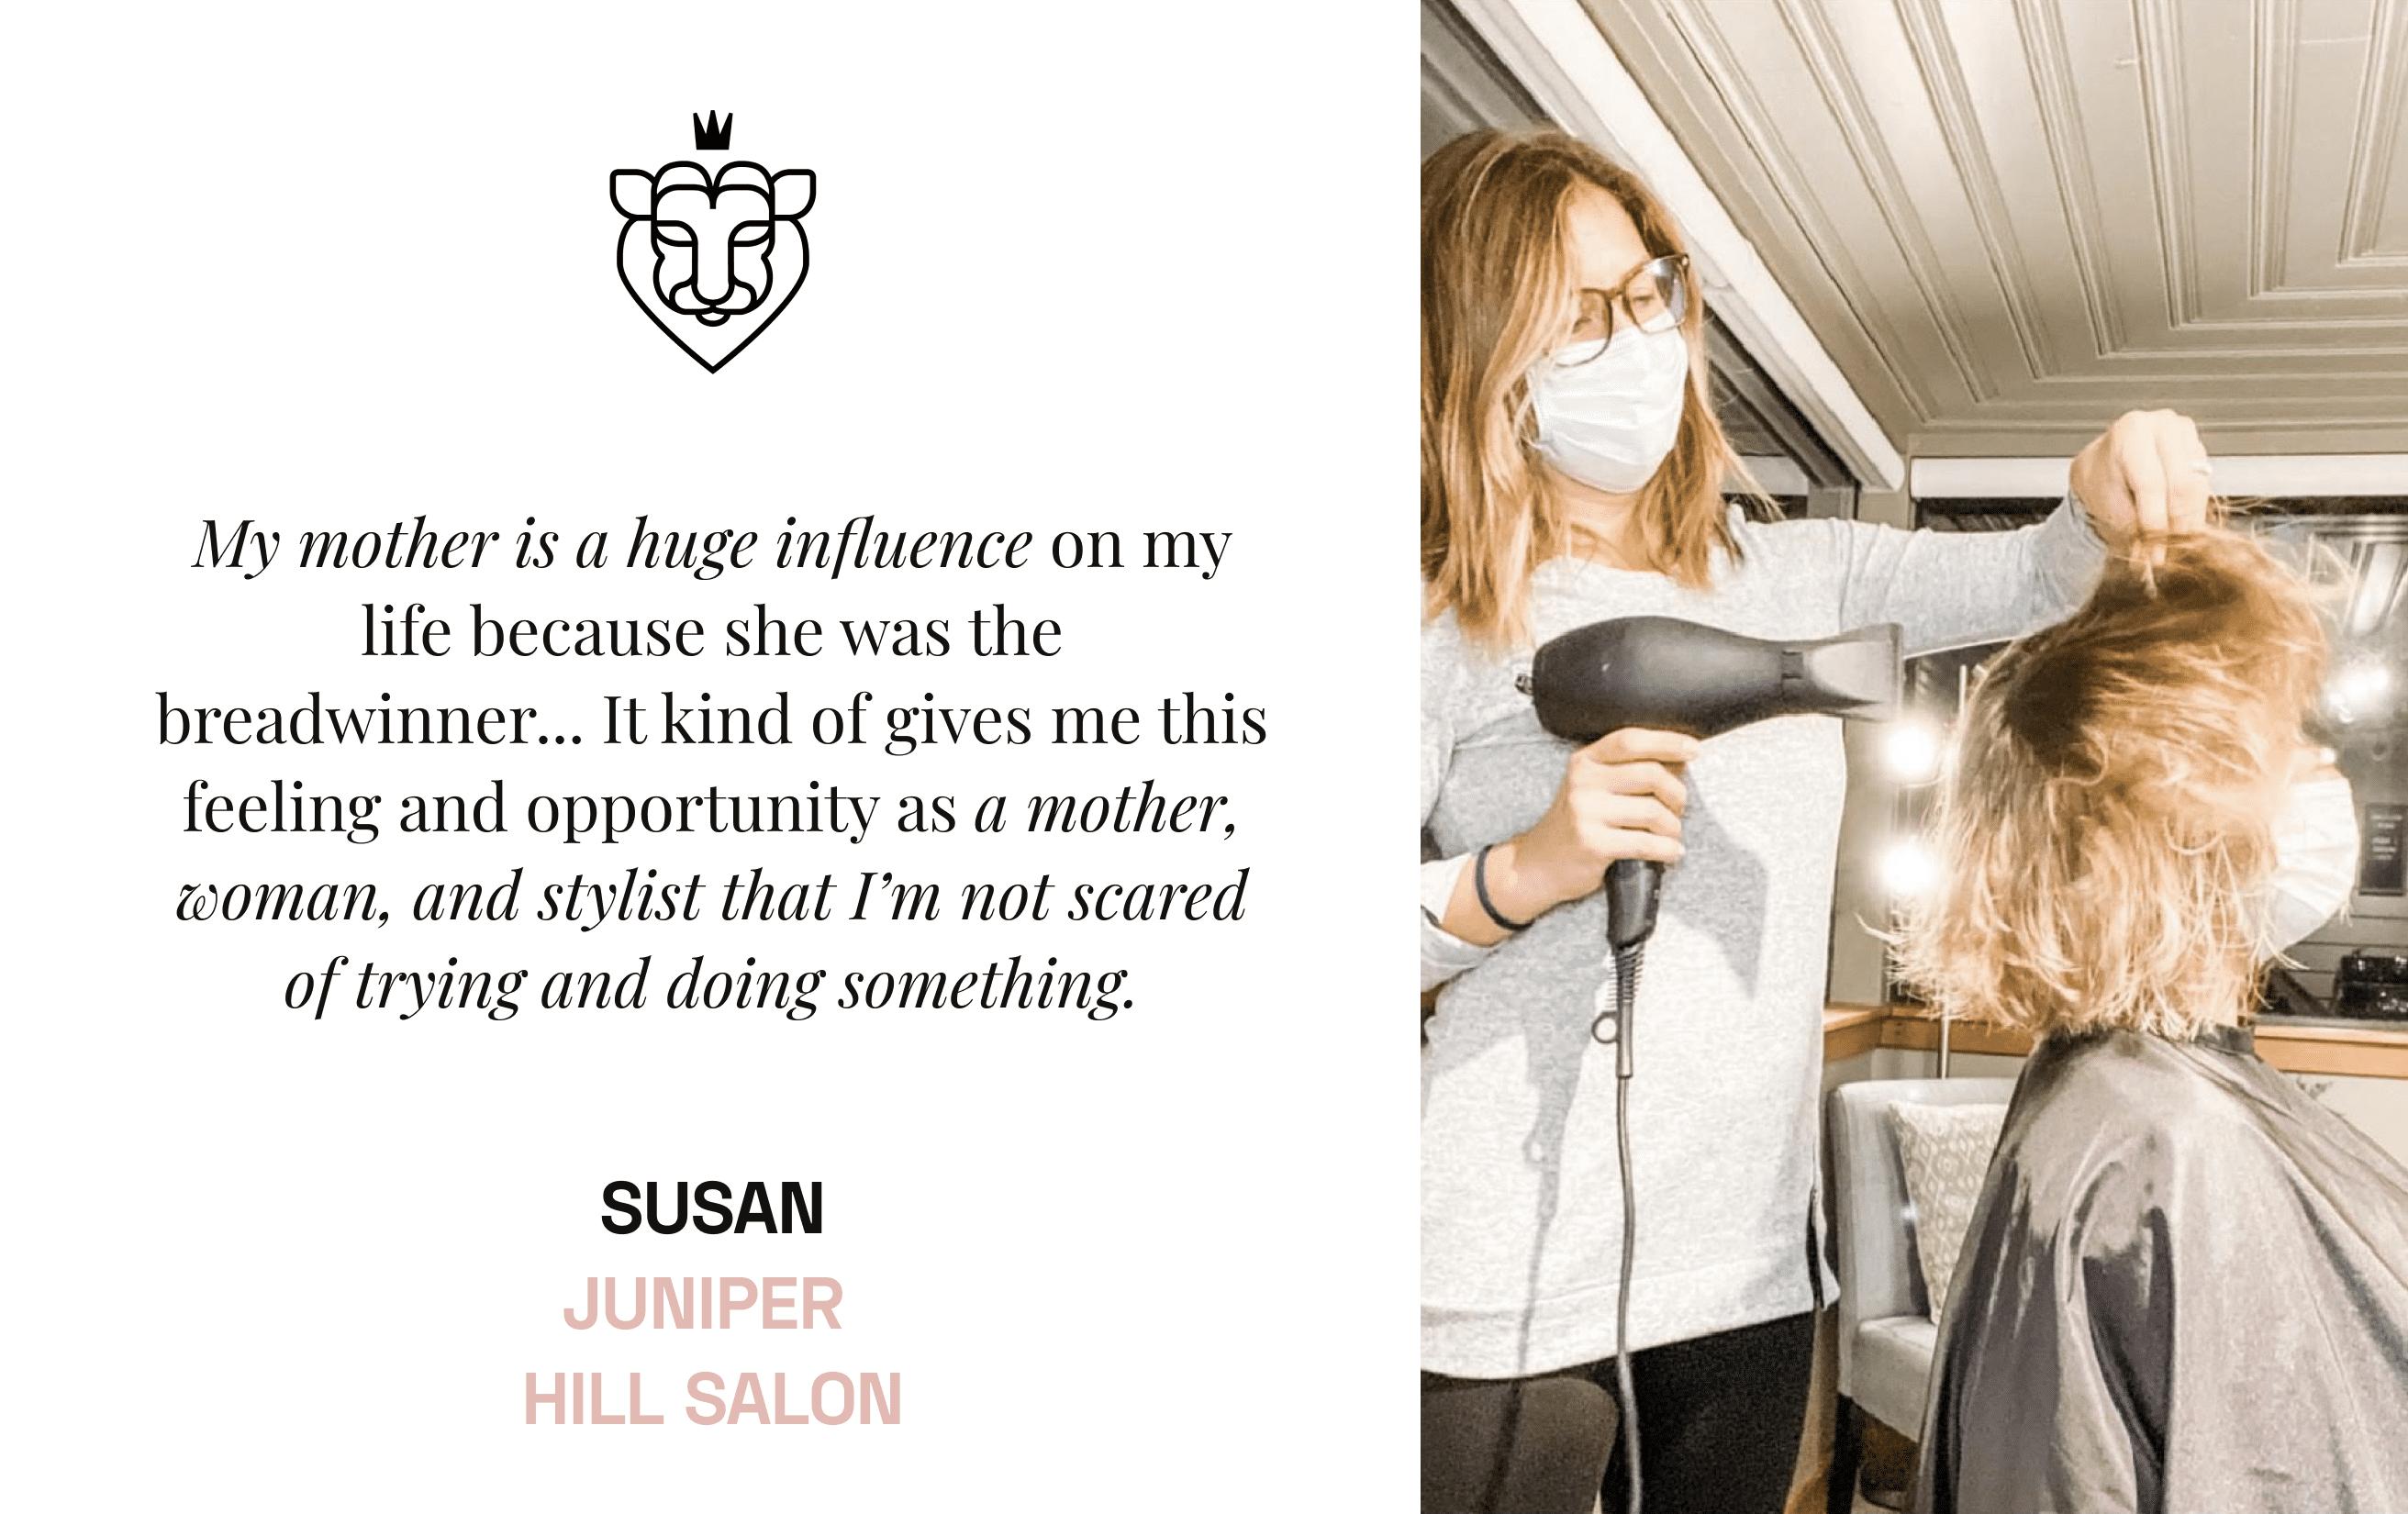 StyleSeat Pro Hairstylist Susan Miller Juniper Hill Salon